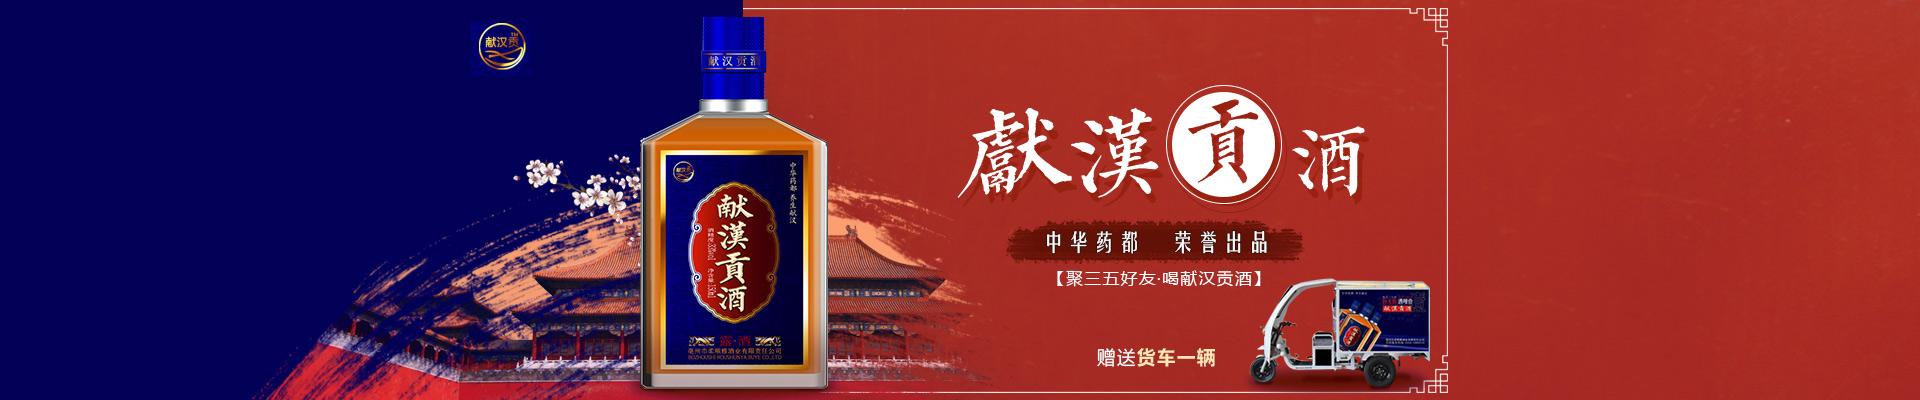 亳州市柔顺雅酒业有限责任公司